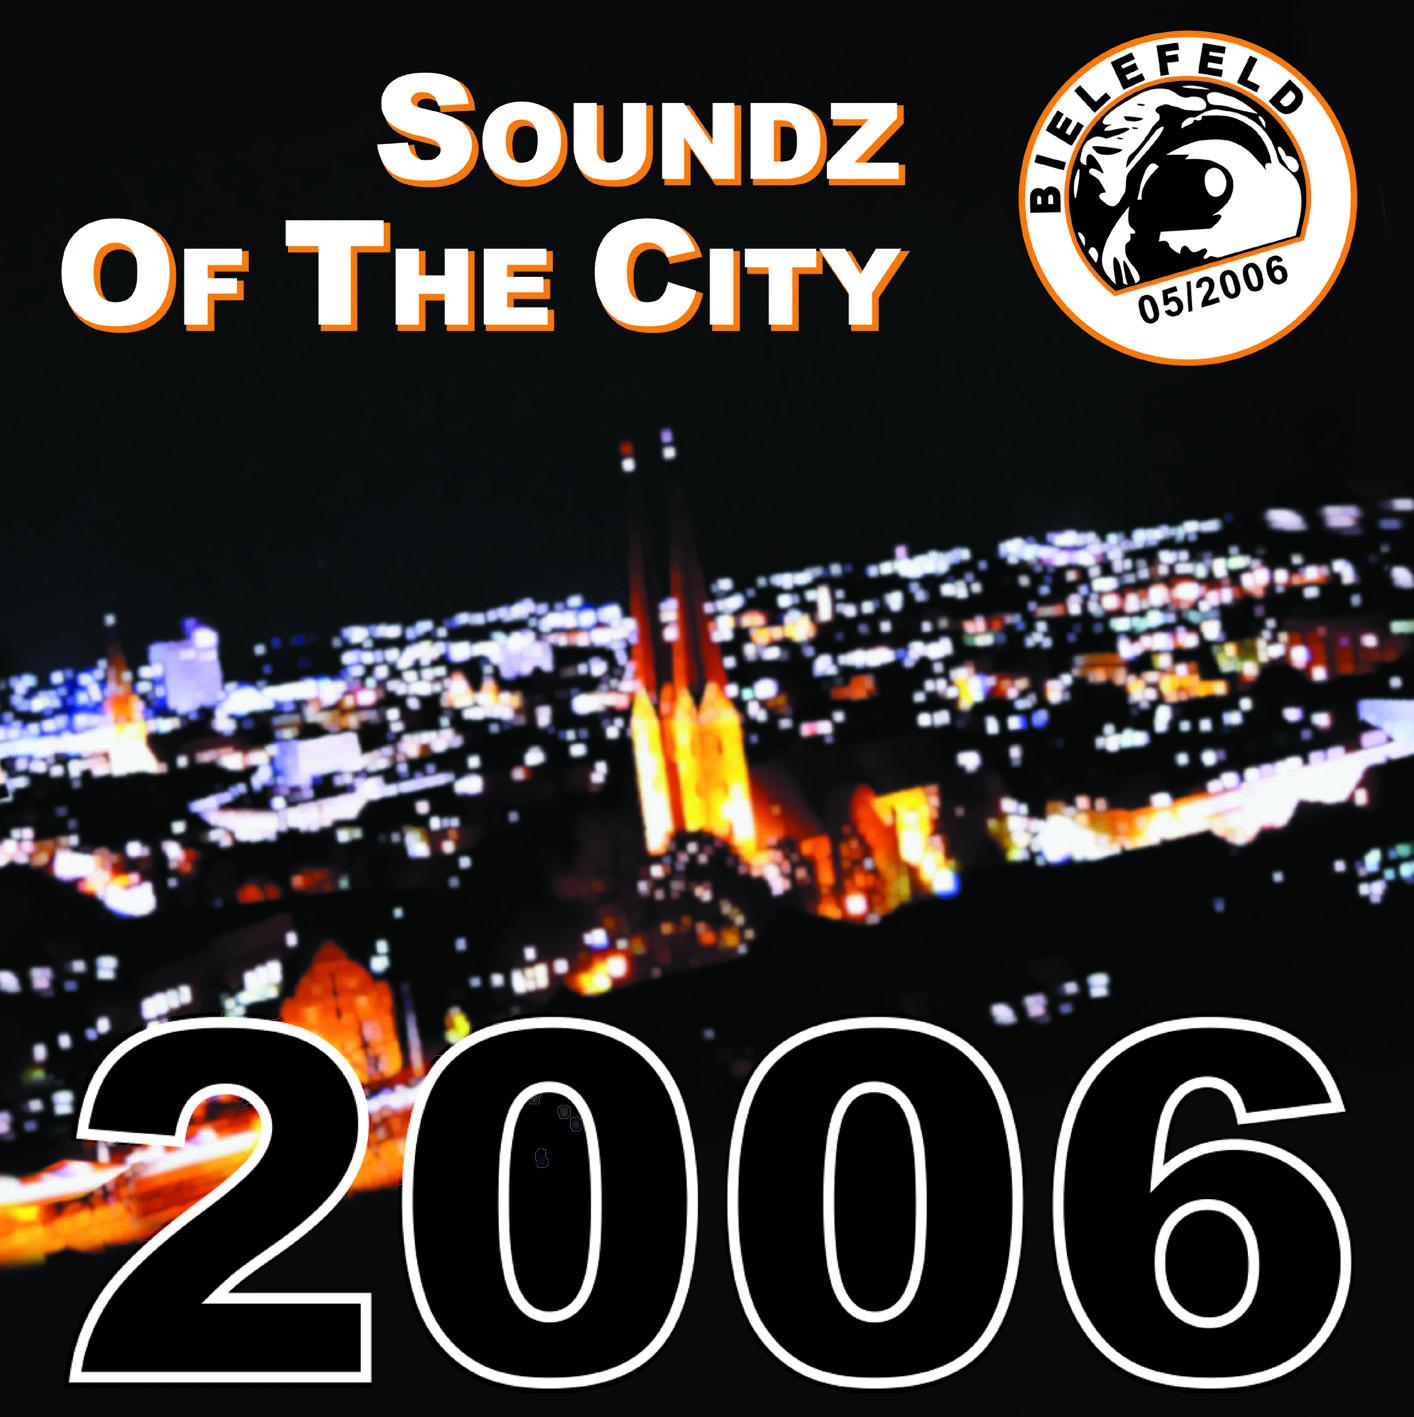 CD: Soundz of the City 2006